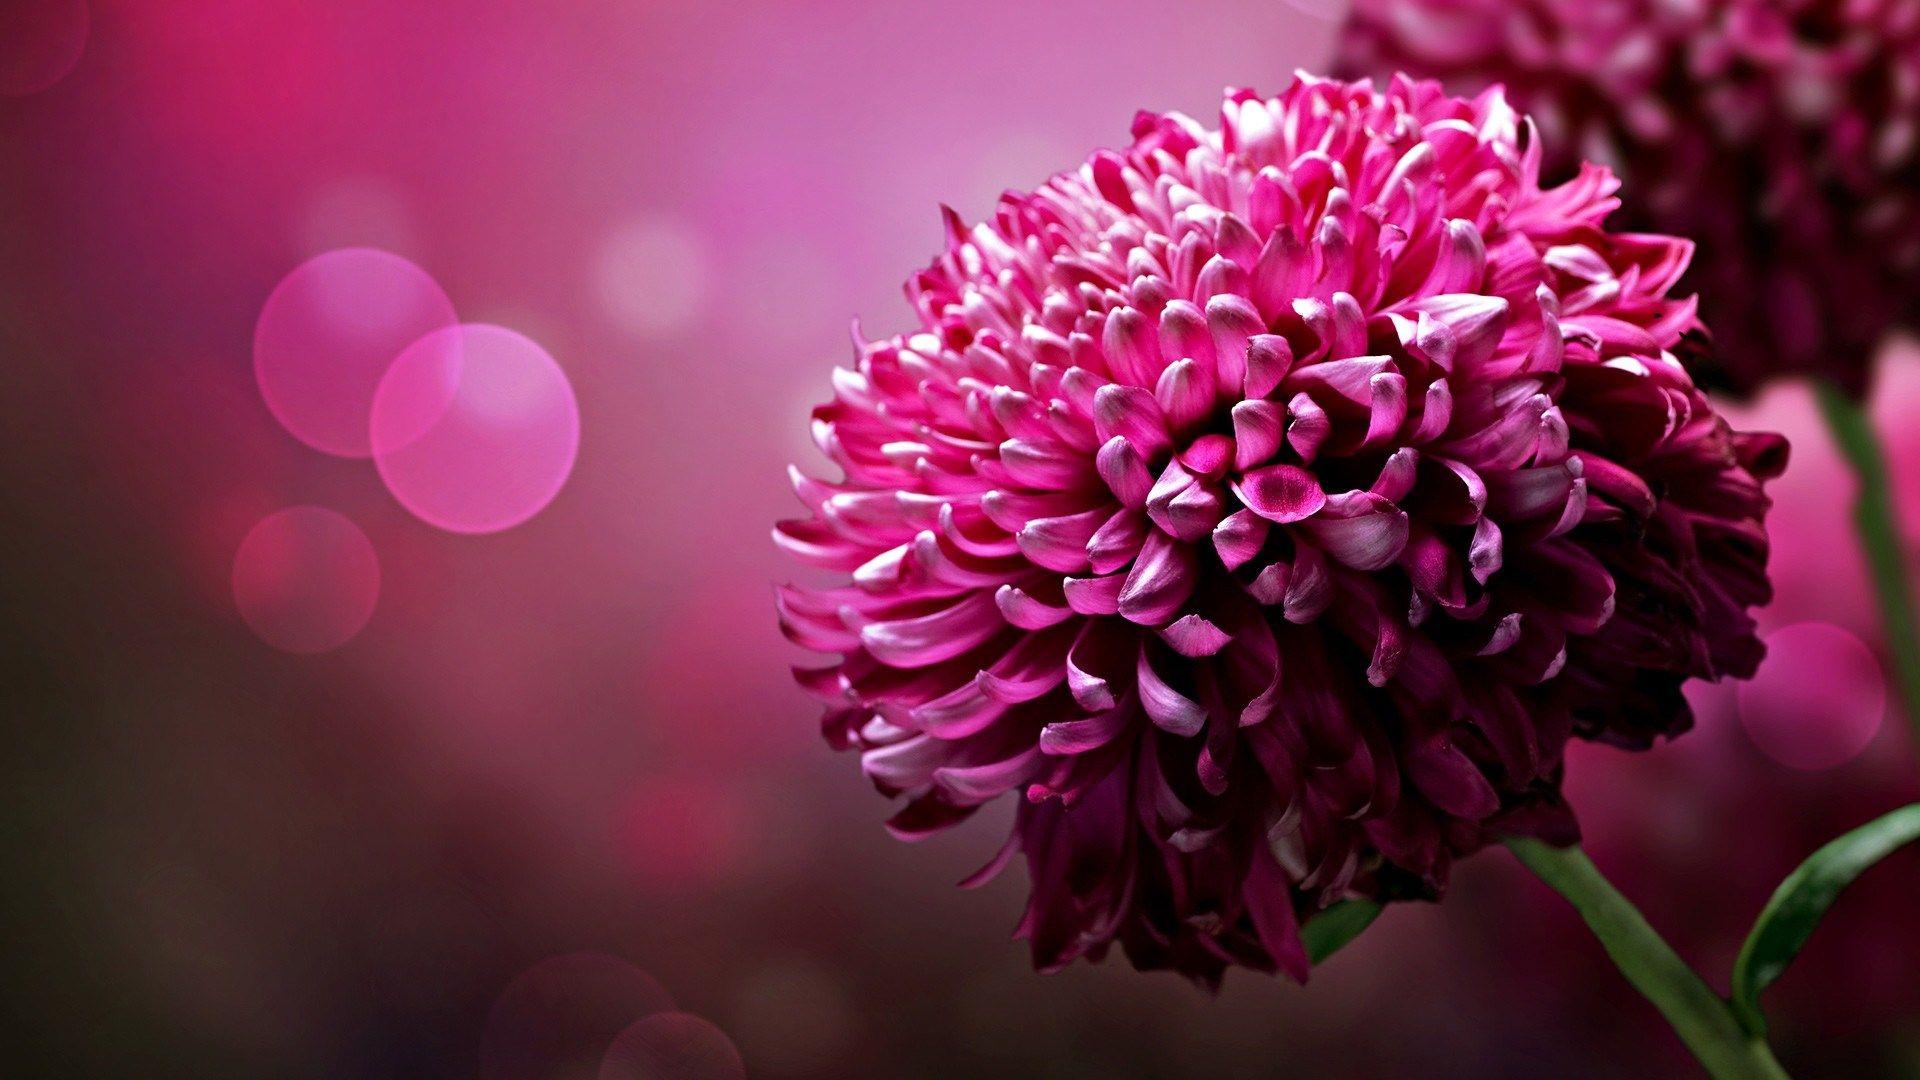 Desktop Floral Wallpaper Hd 1920x1080 Bunga Ungu Bunga Kartu Nama